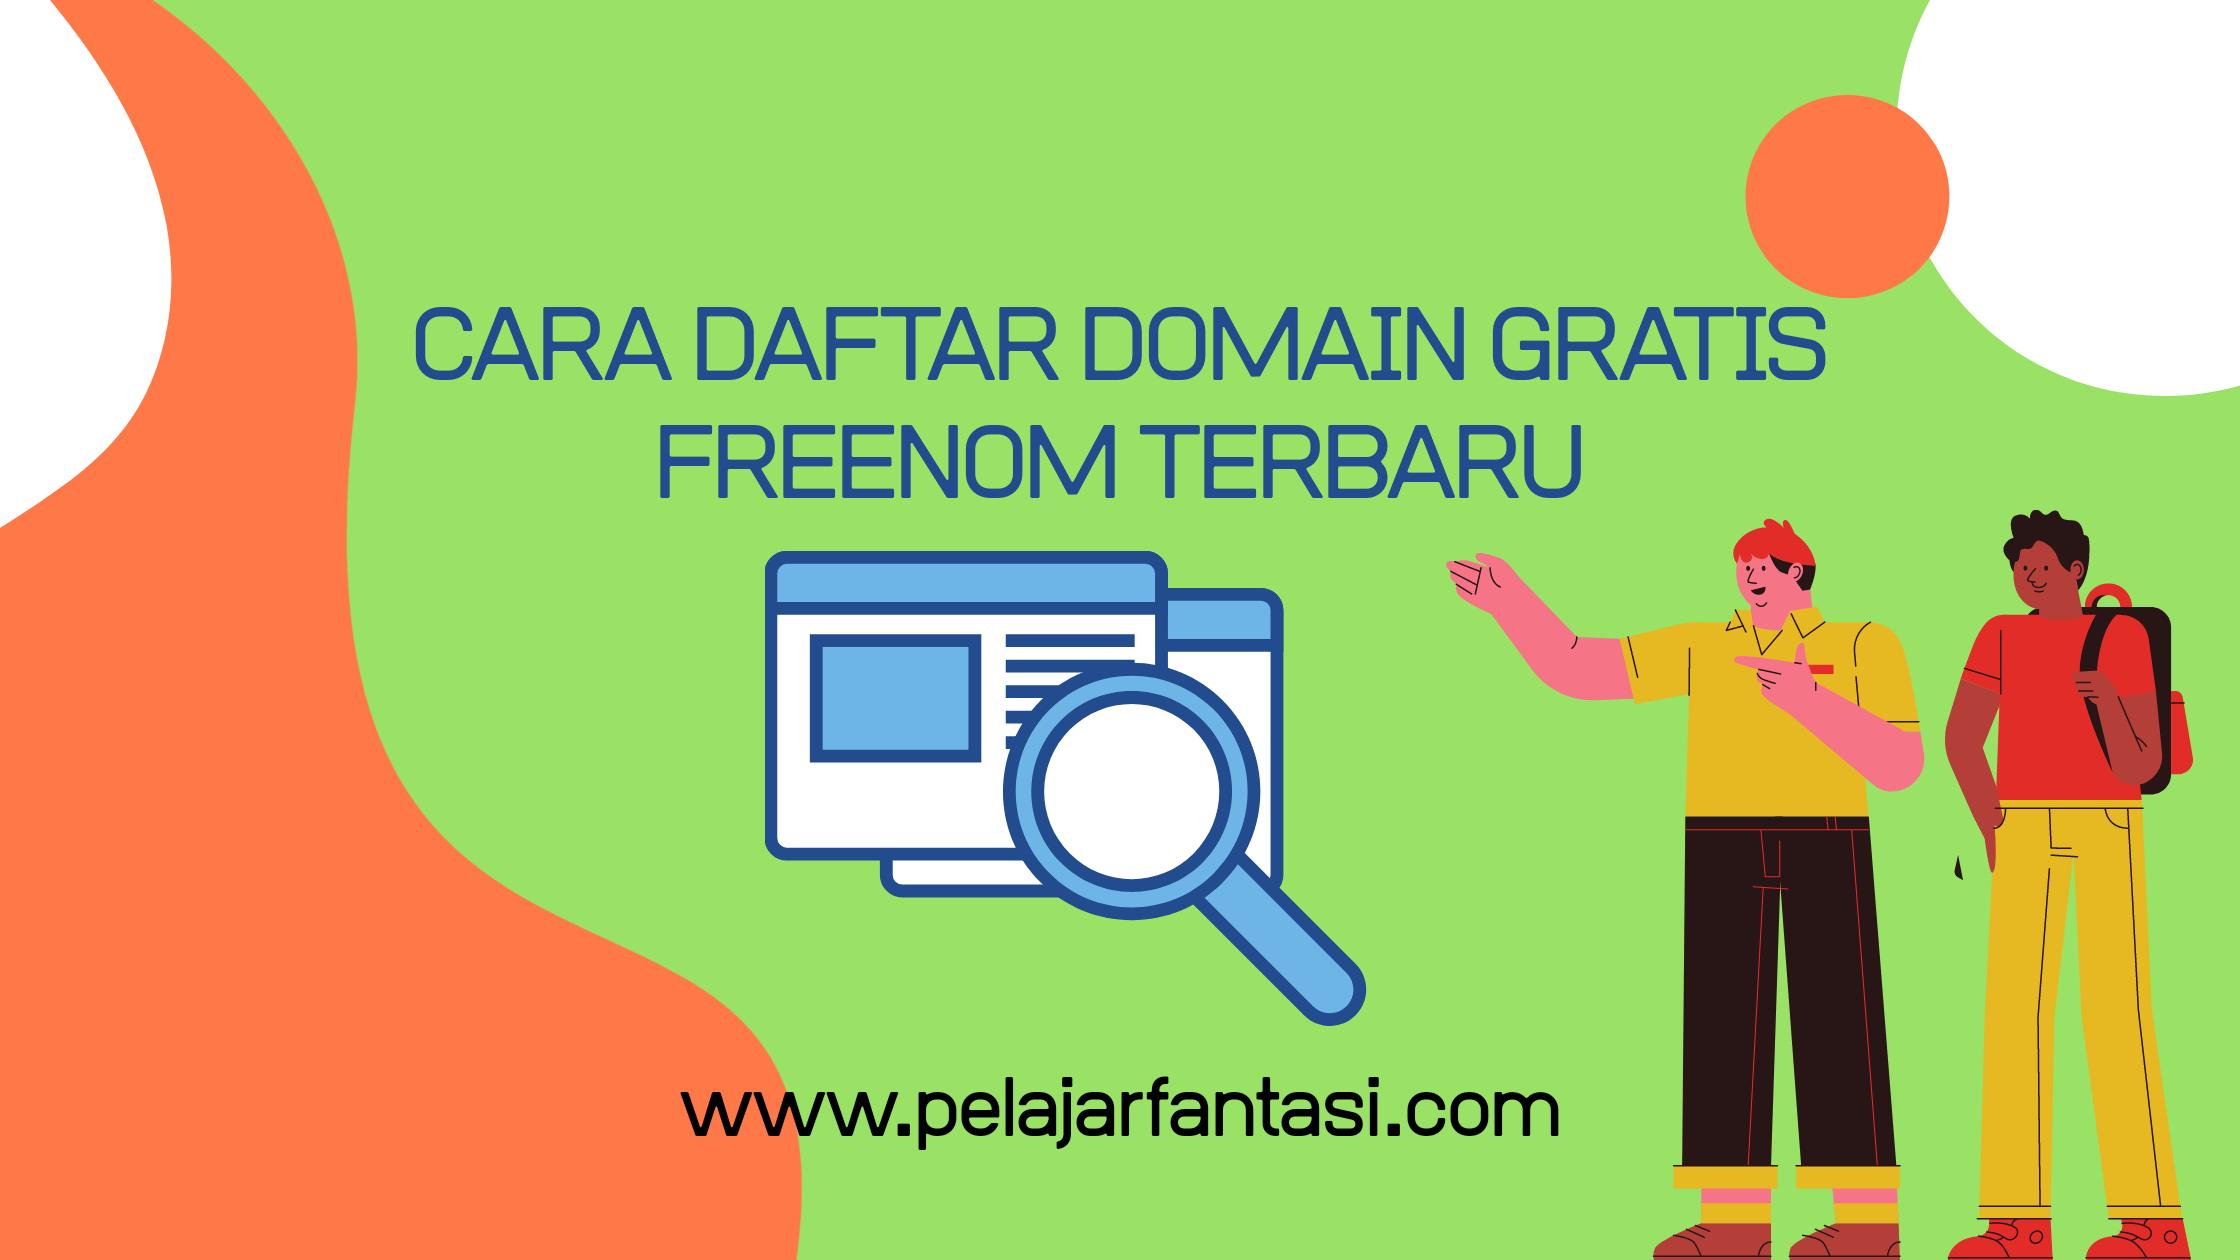 Cara Daftar Domain Gratis Freenom Terbaru 2021